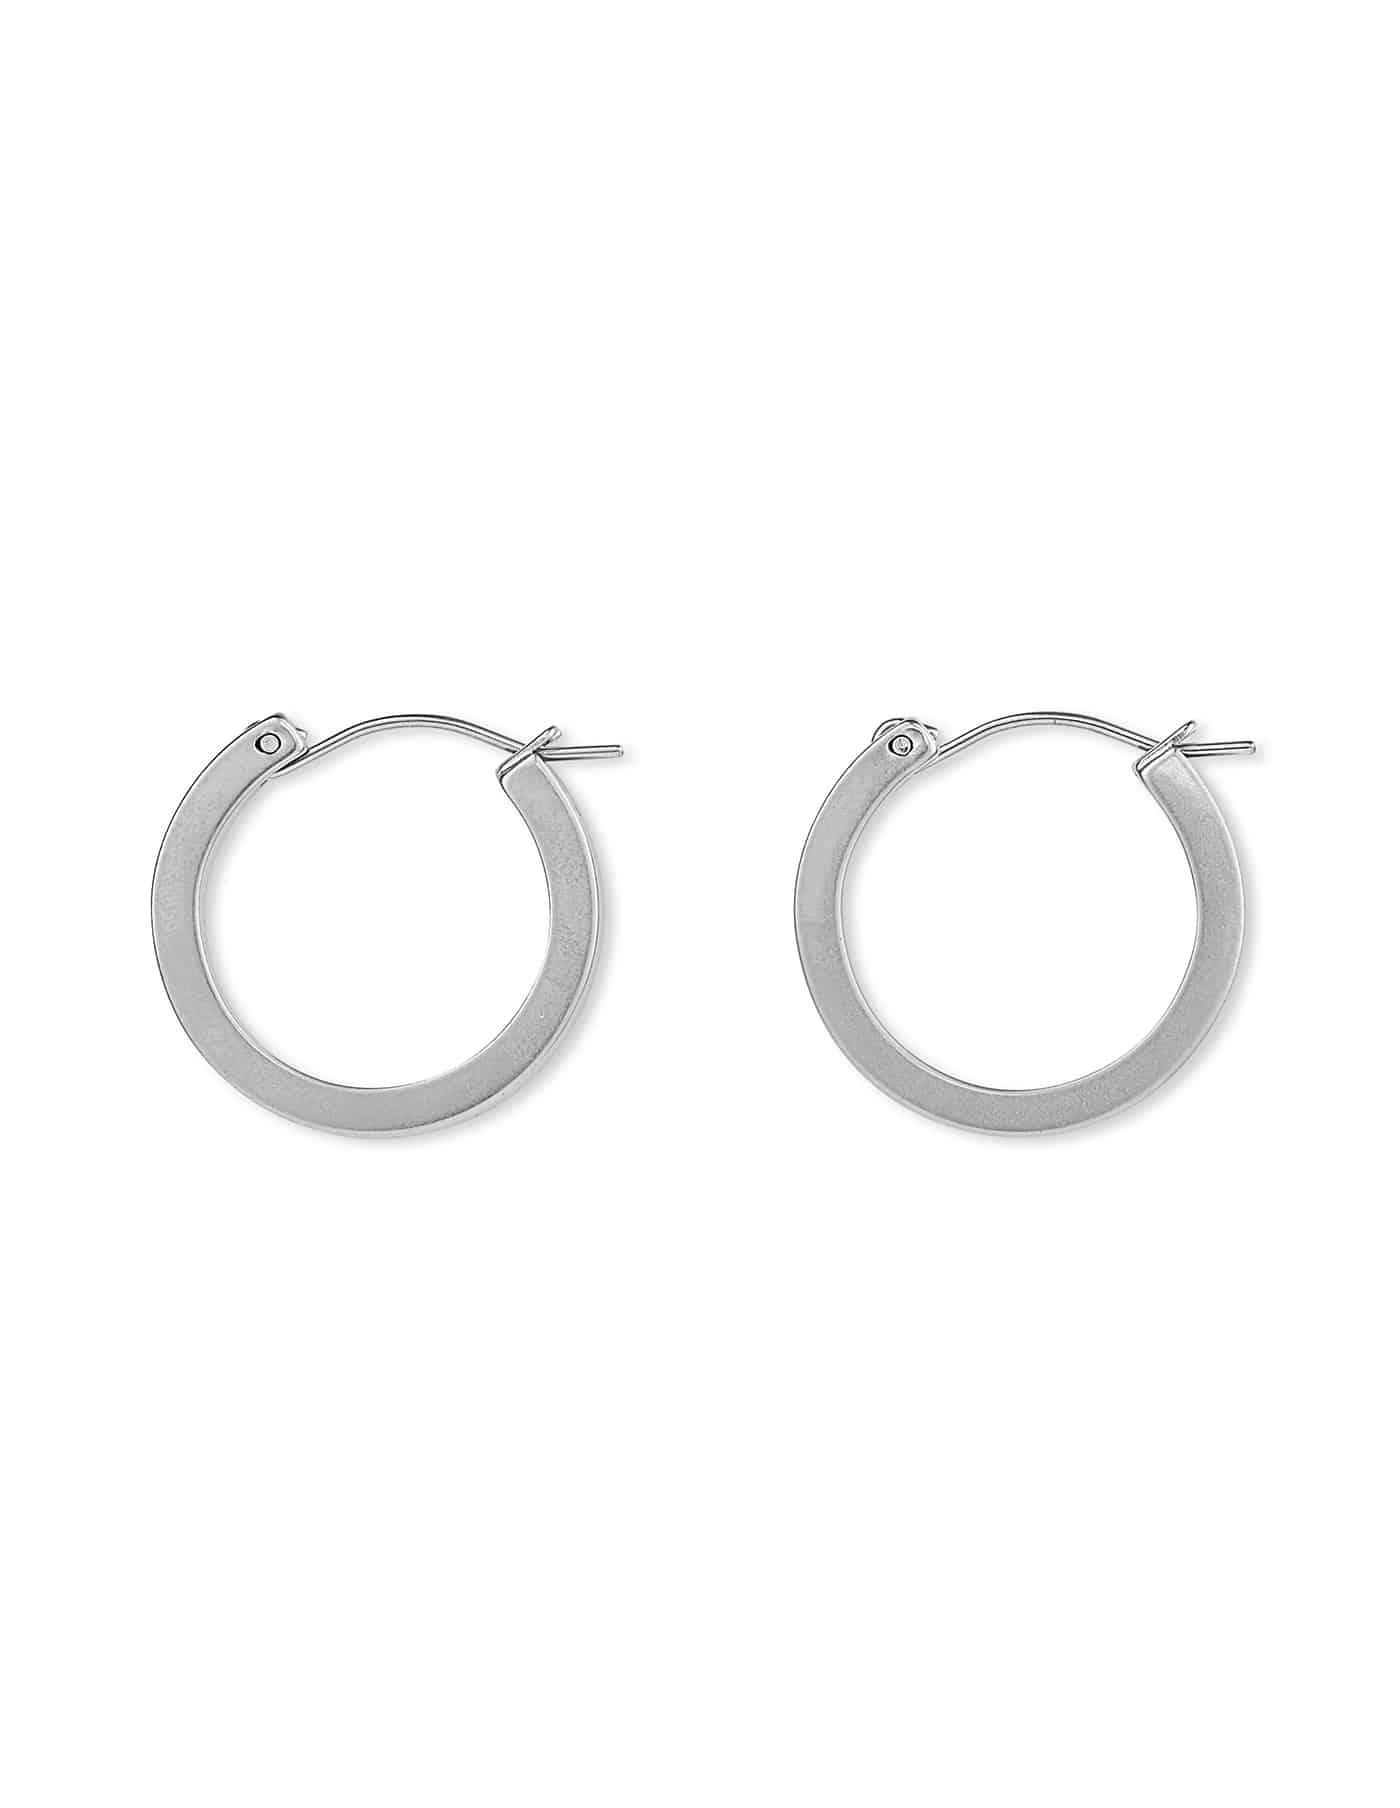 Matte Silver Hoop Earrings, Small